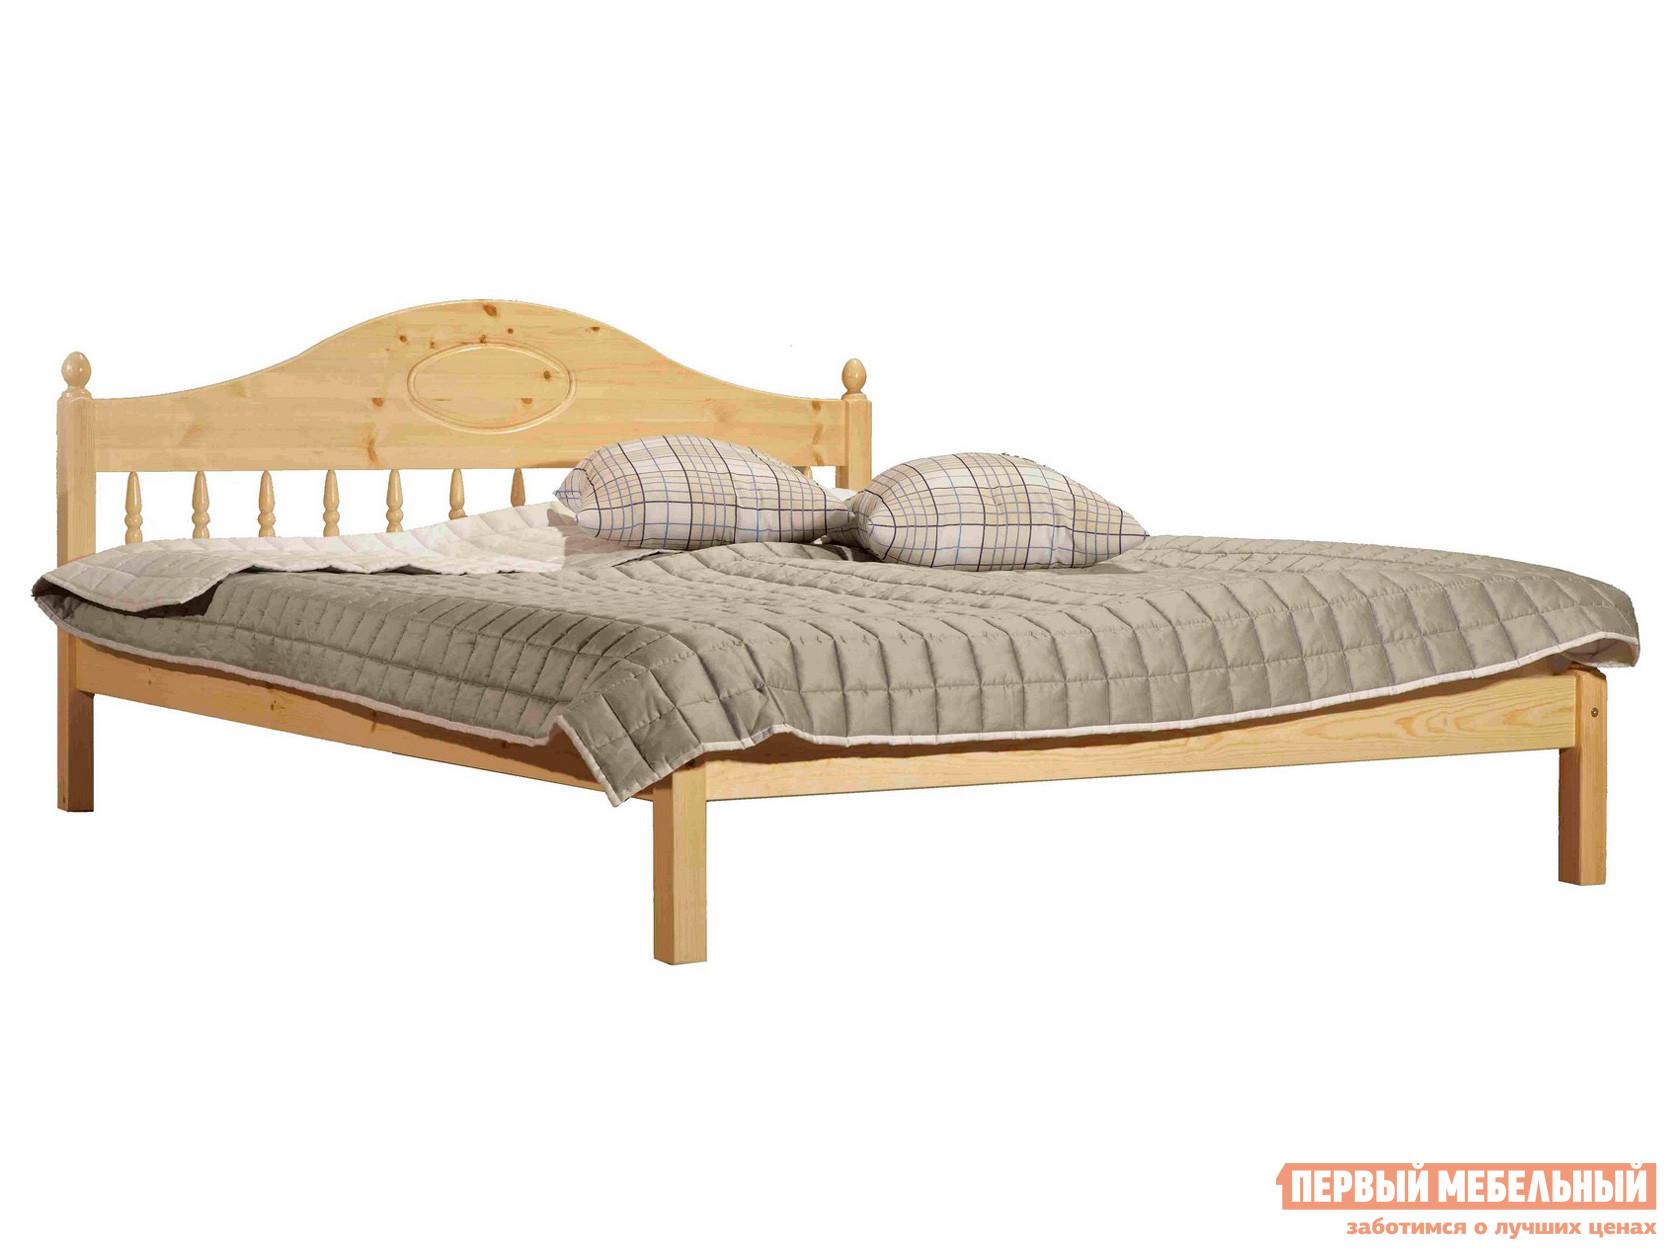 Двуспальная кровать из массива дерева Timberica Фрея (F1)